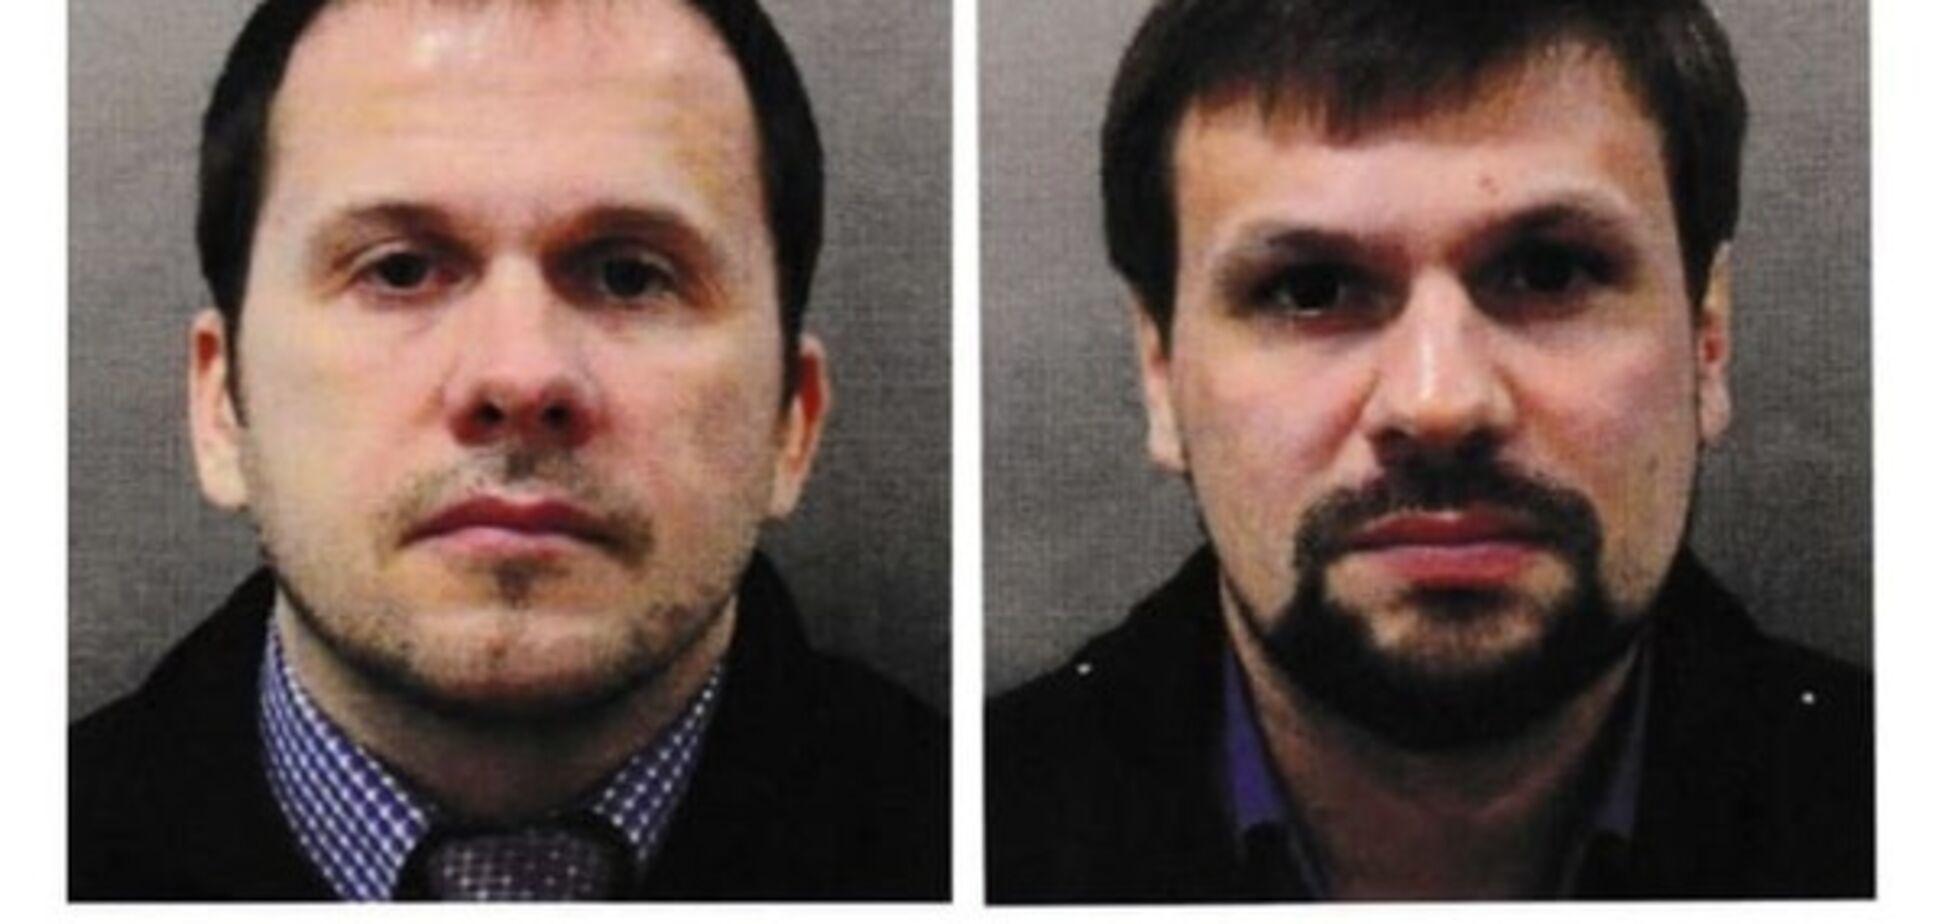 Отравление Скрипалей: в СМИ всплыли первые данные о подозреваемых россиянах